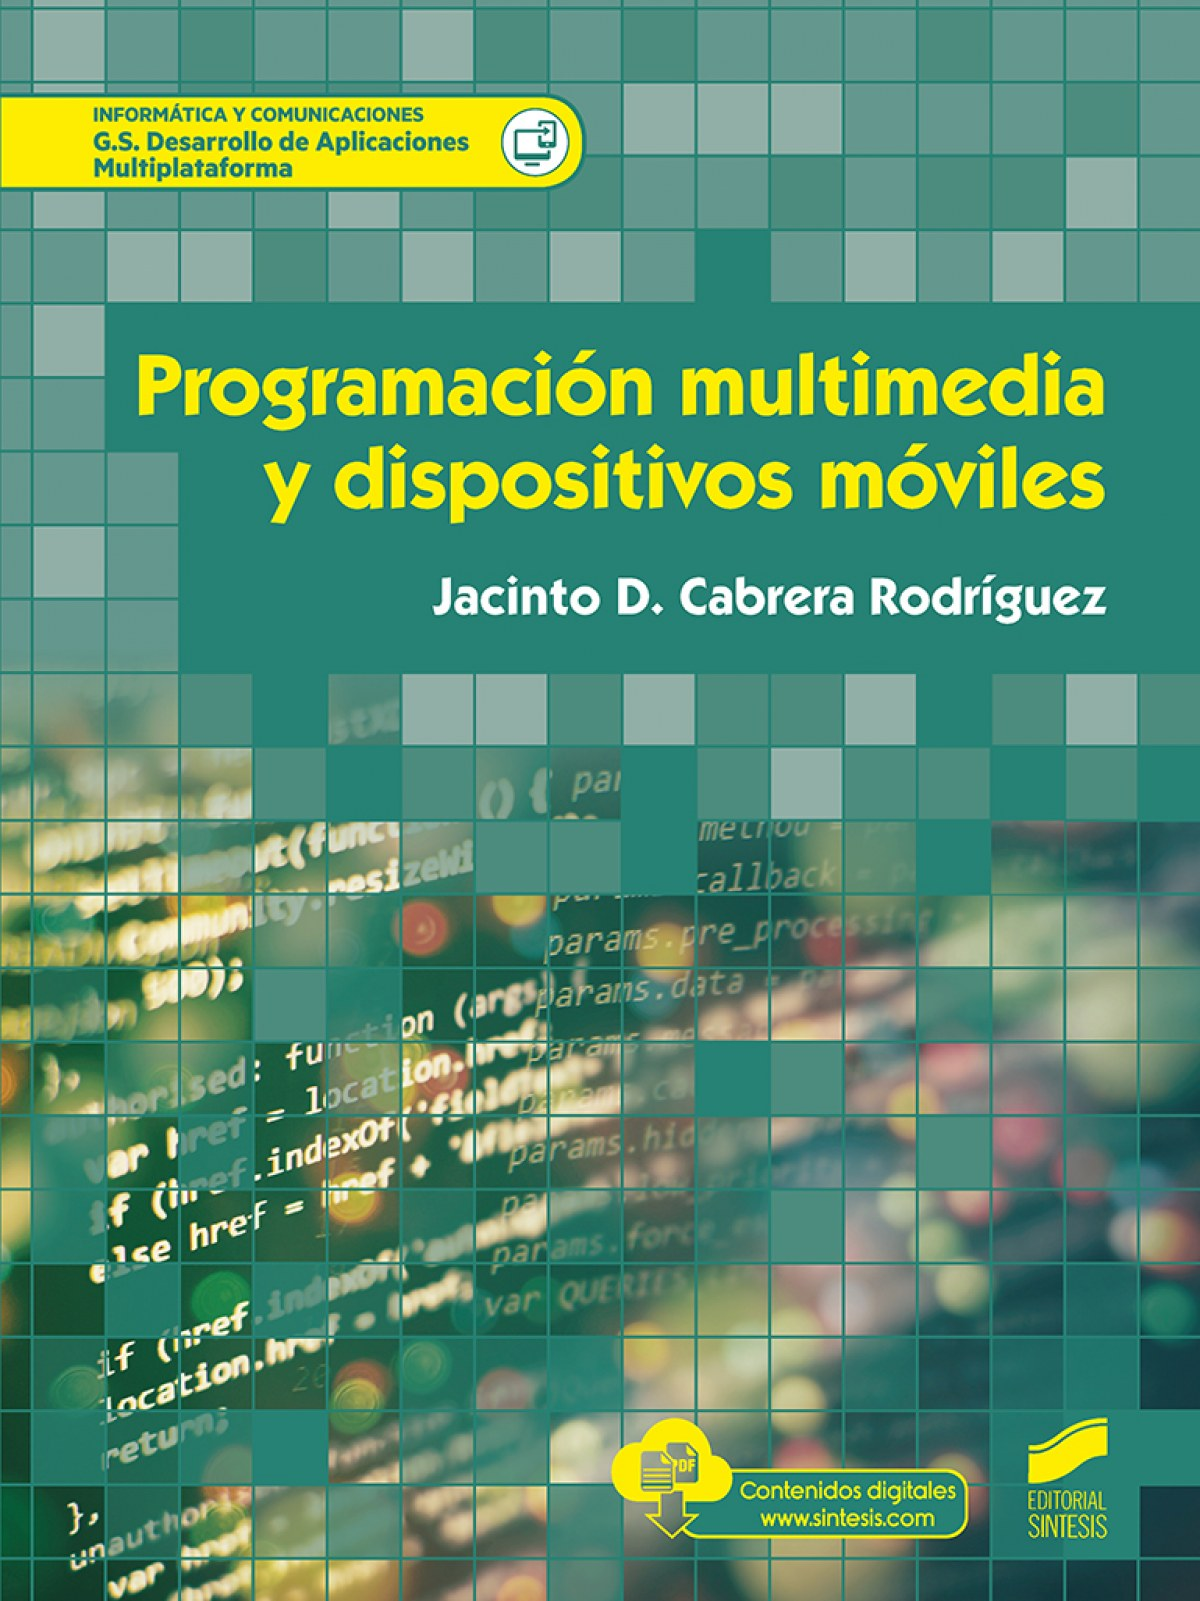 Programación multimedia y dispositivos móviles